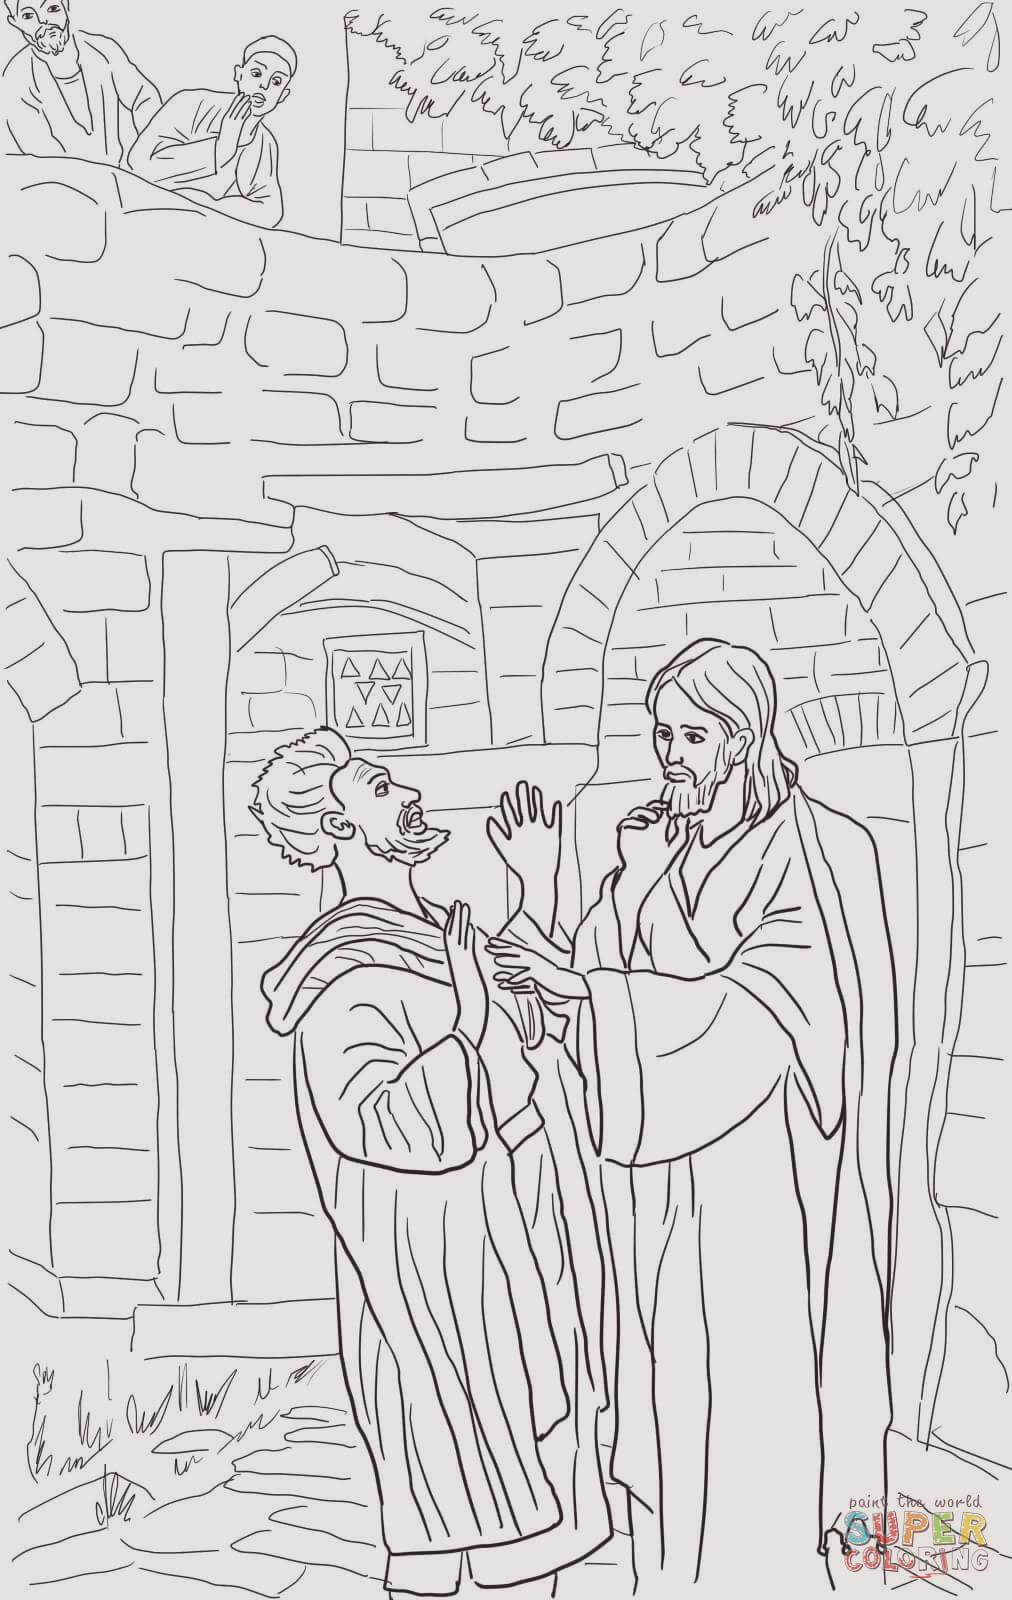 Ausmalbilder Weihnachten Baum Genial 31 Frisch Ausmalbilder Jesus Neuste Galerie